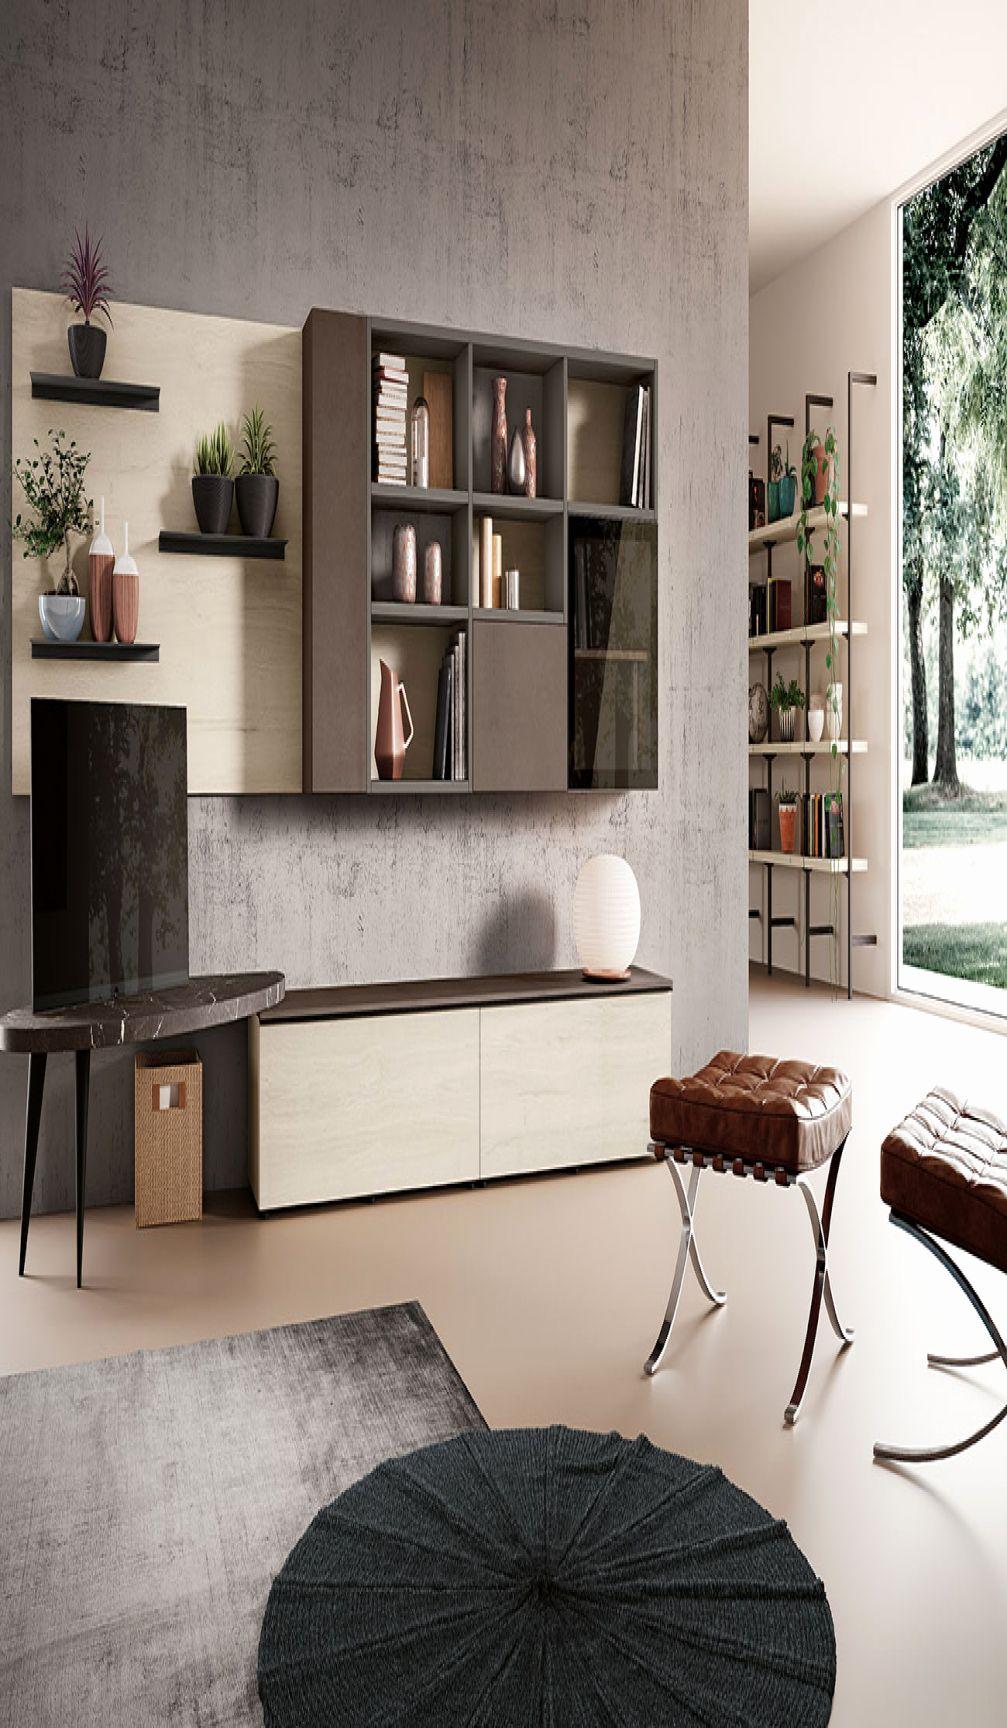 22 Lusso Immagini Soggiorni Moderni In 2020 Modern Living Room Home Decor Decor